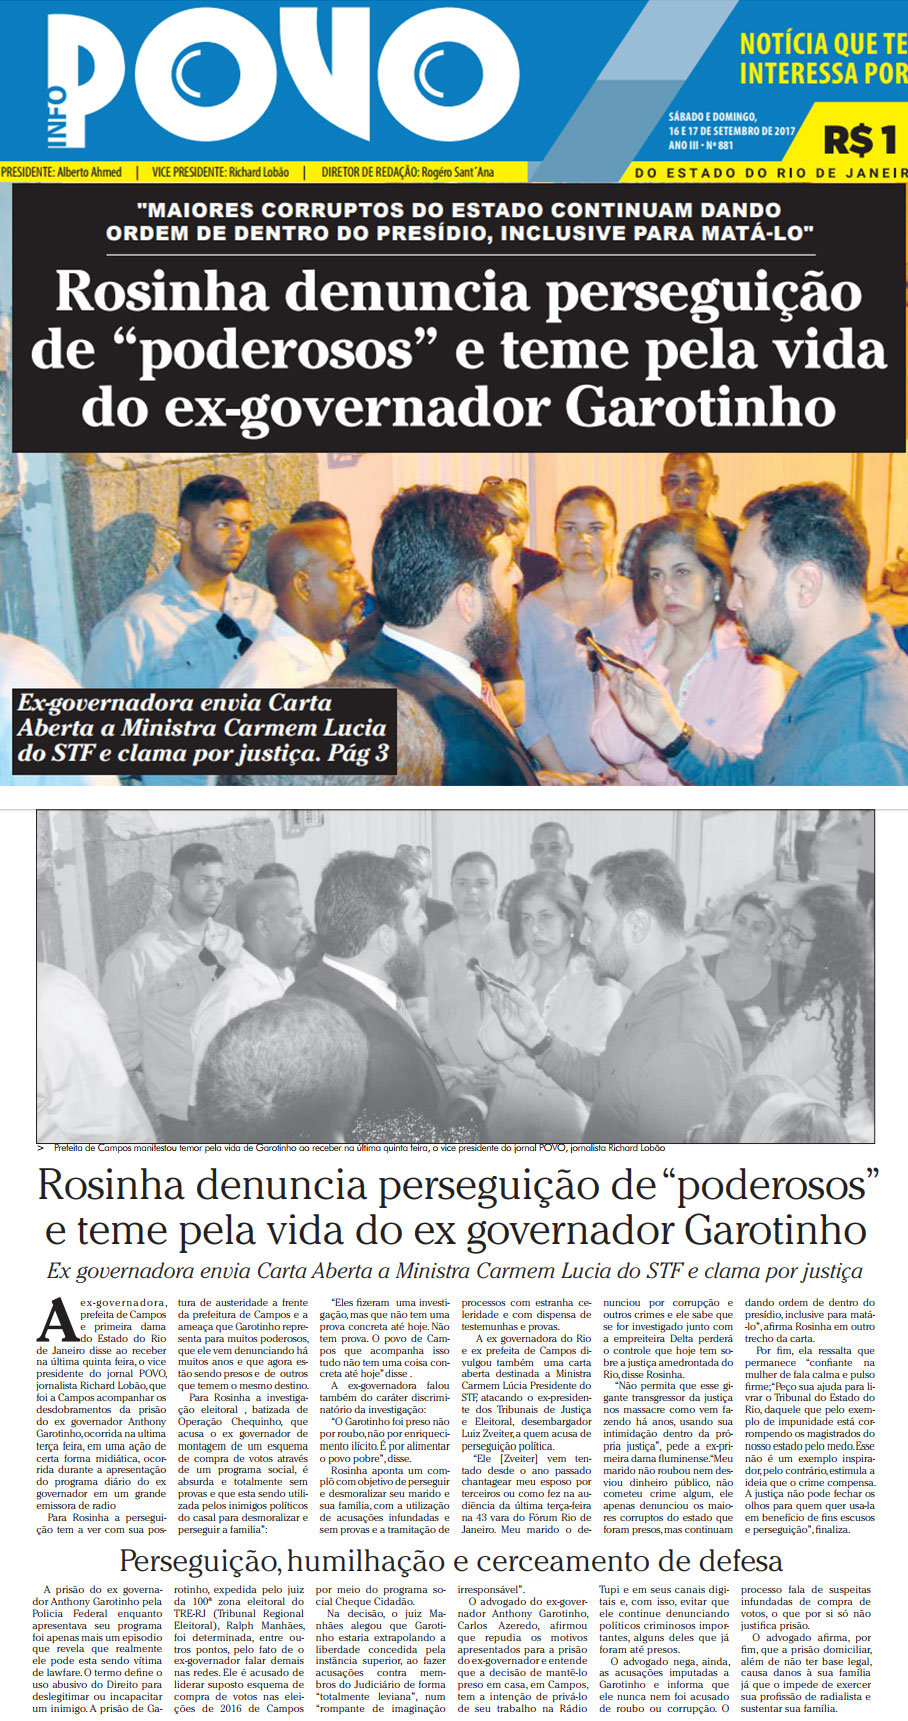 Reprodução do jornal O Povo